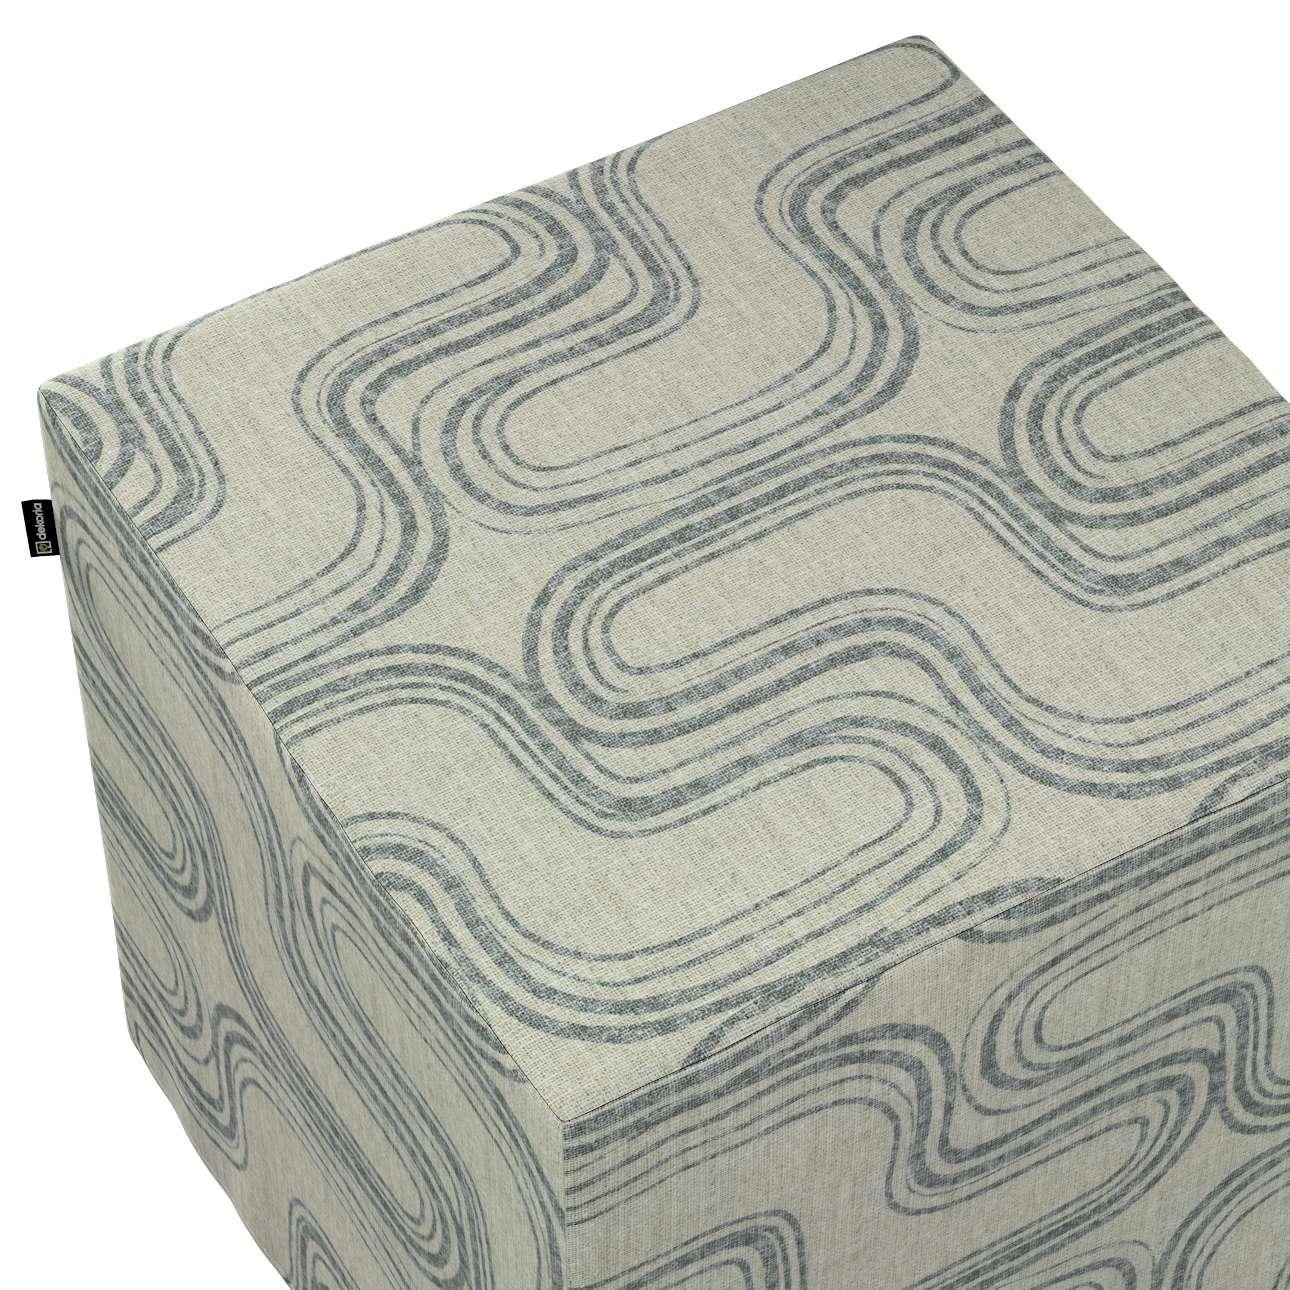 Pokrowiec na pufę kostkę w kolekcji Comics, tkanina: 143-14